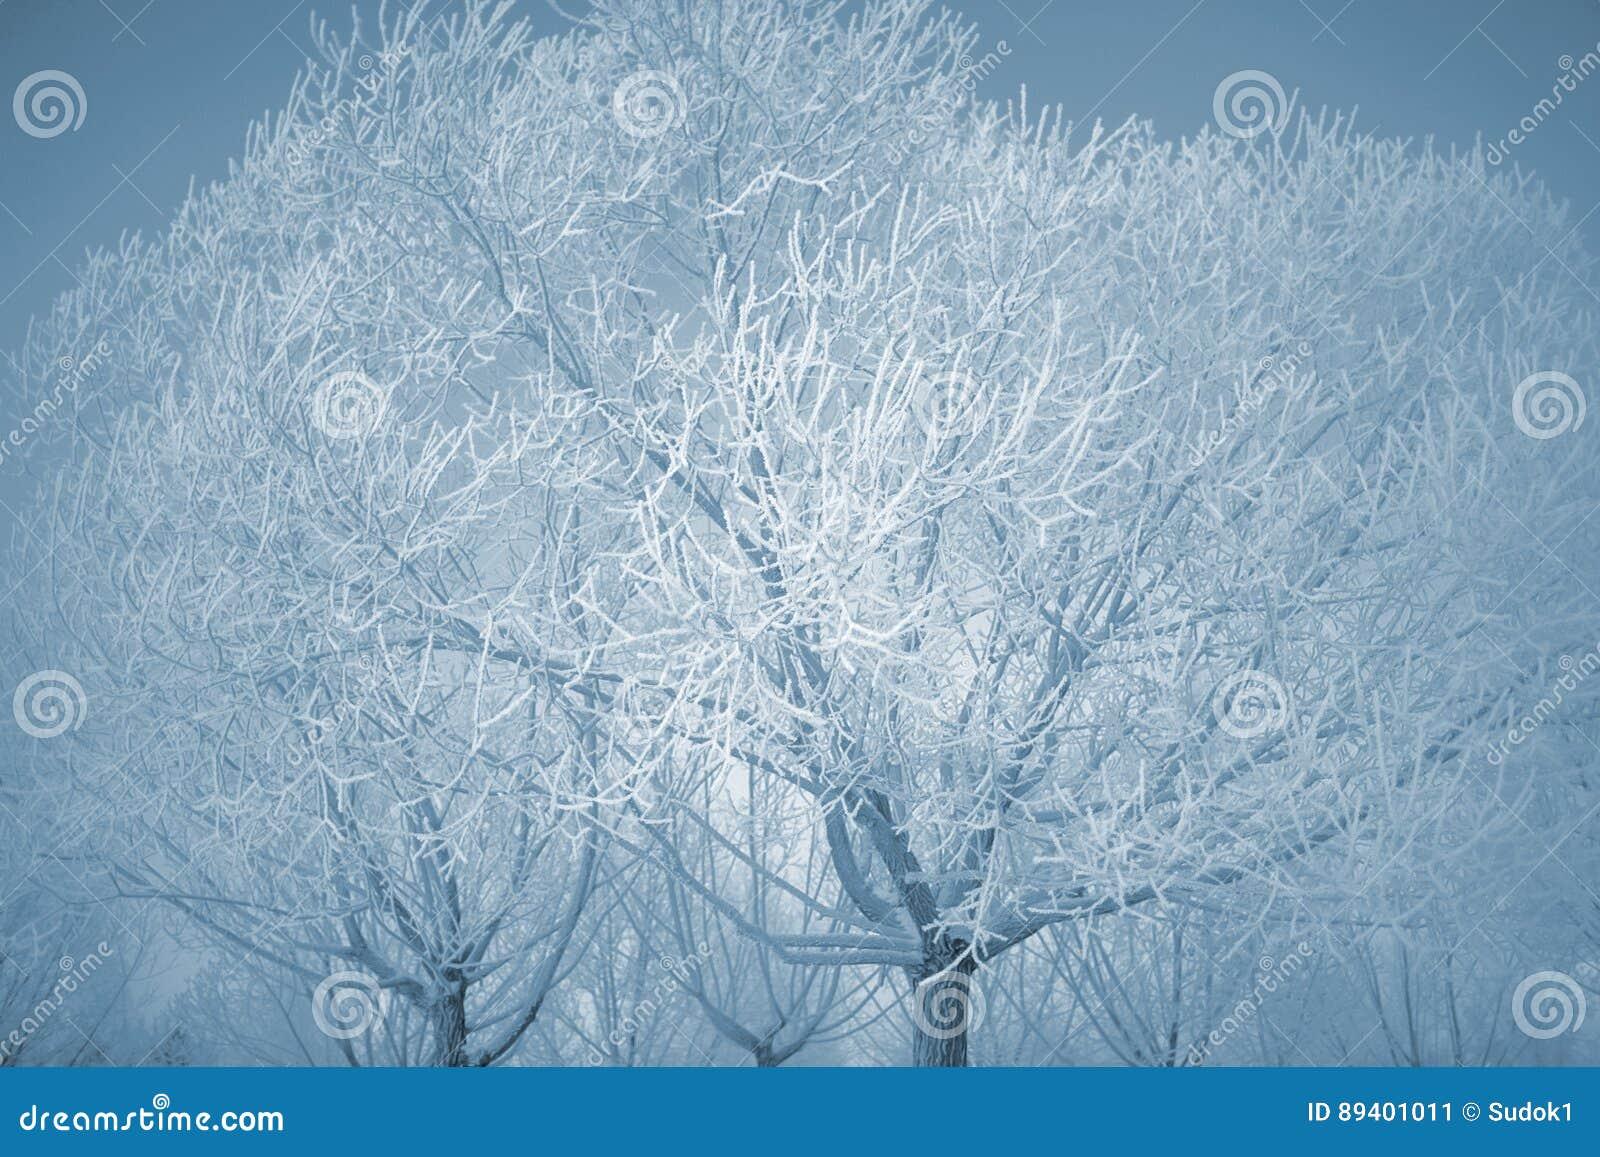 Árvores do inverno cobertas com uma camada grossa de geada